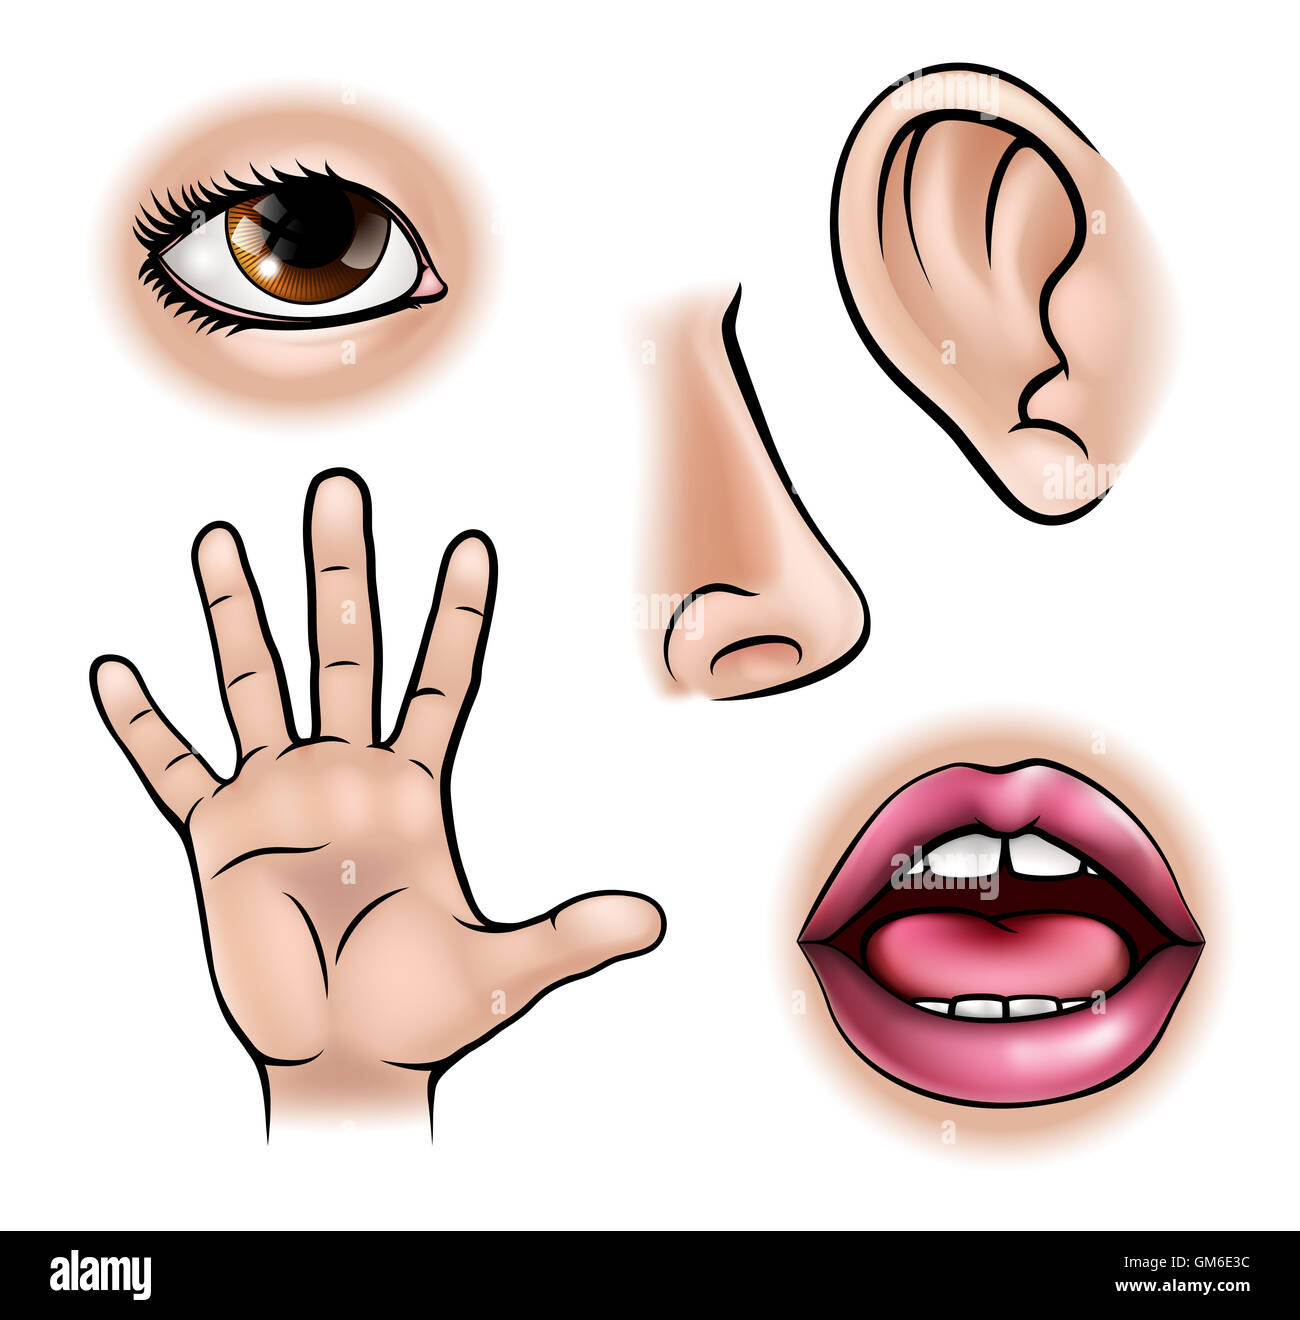 Five Senses Illustration Imagenes De Stock Amp Five Senses